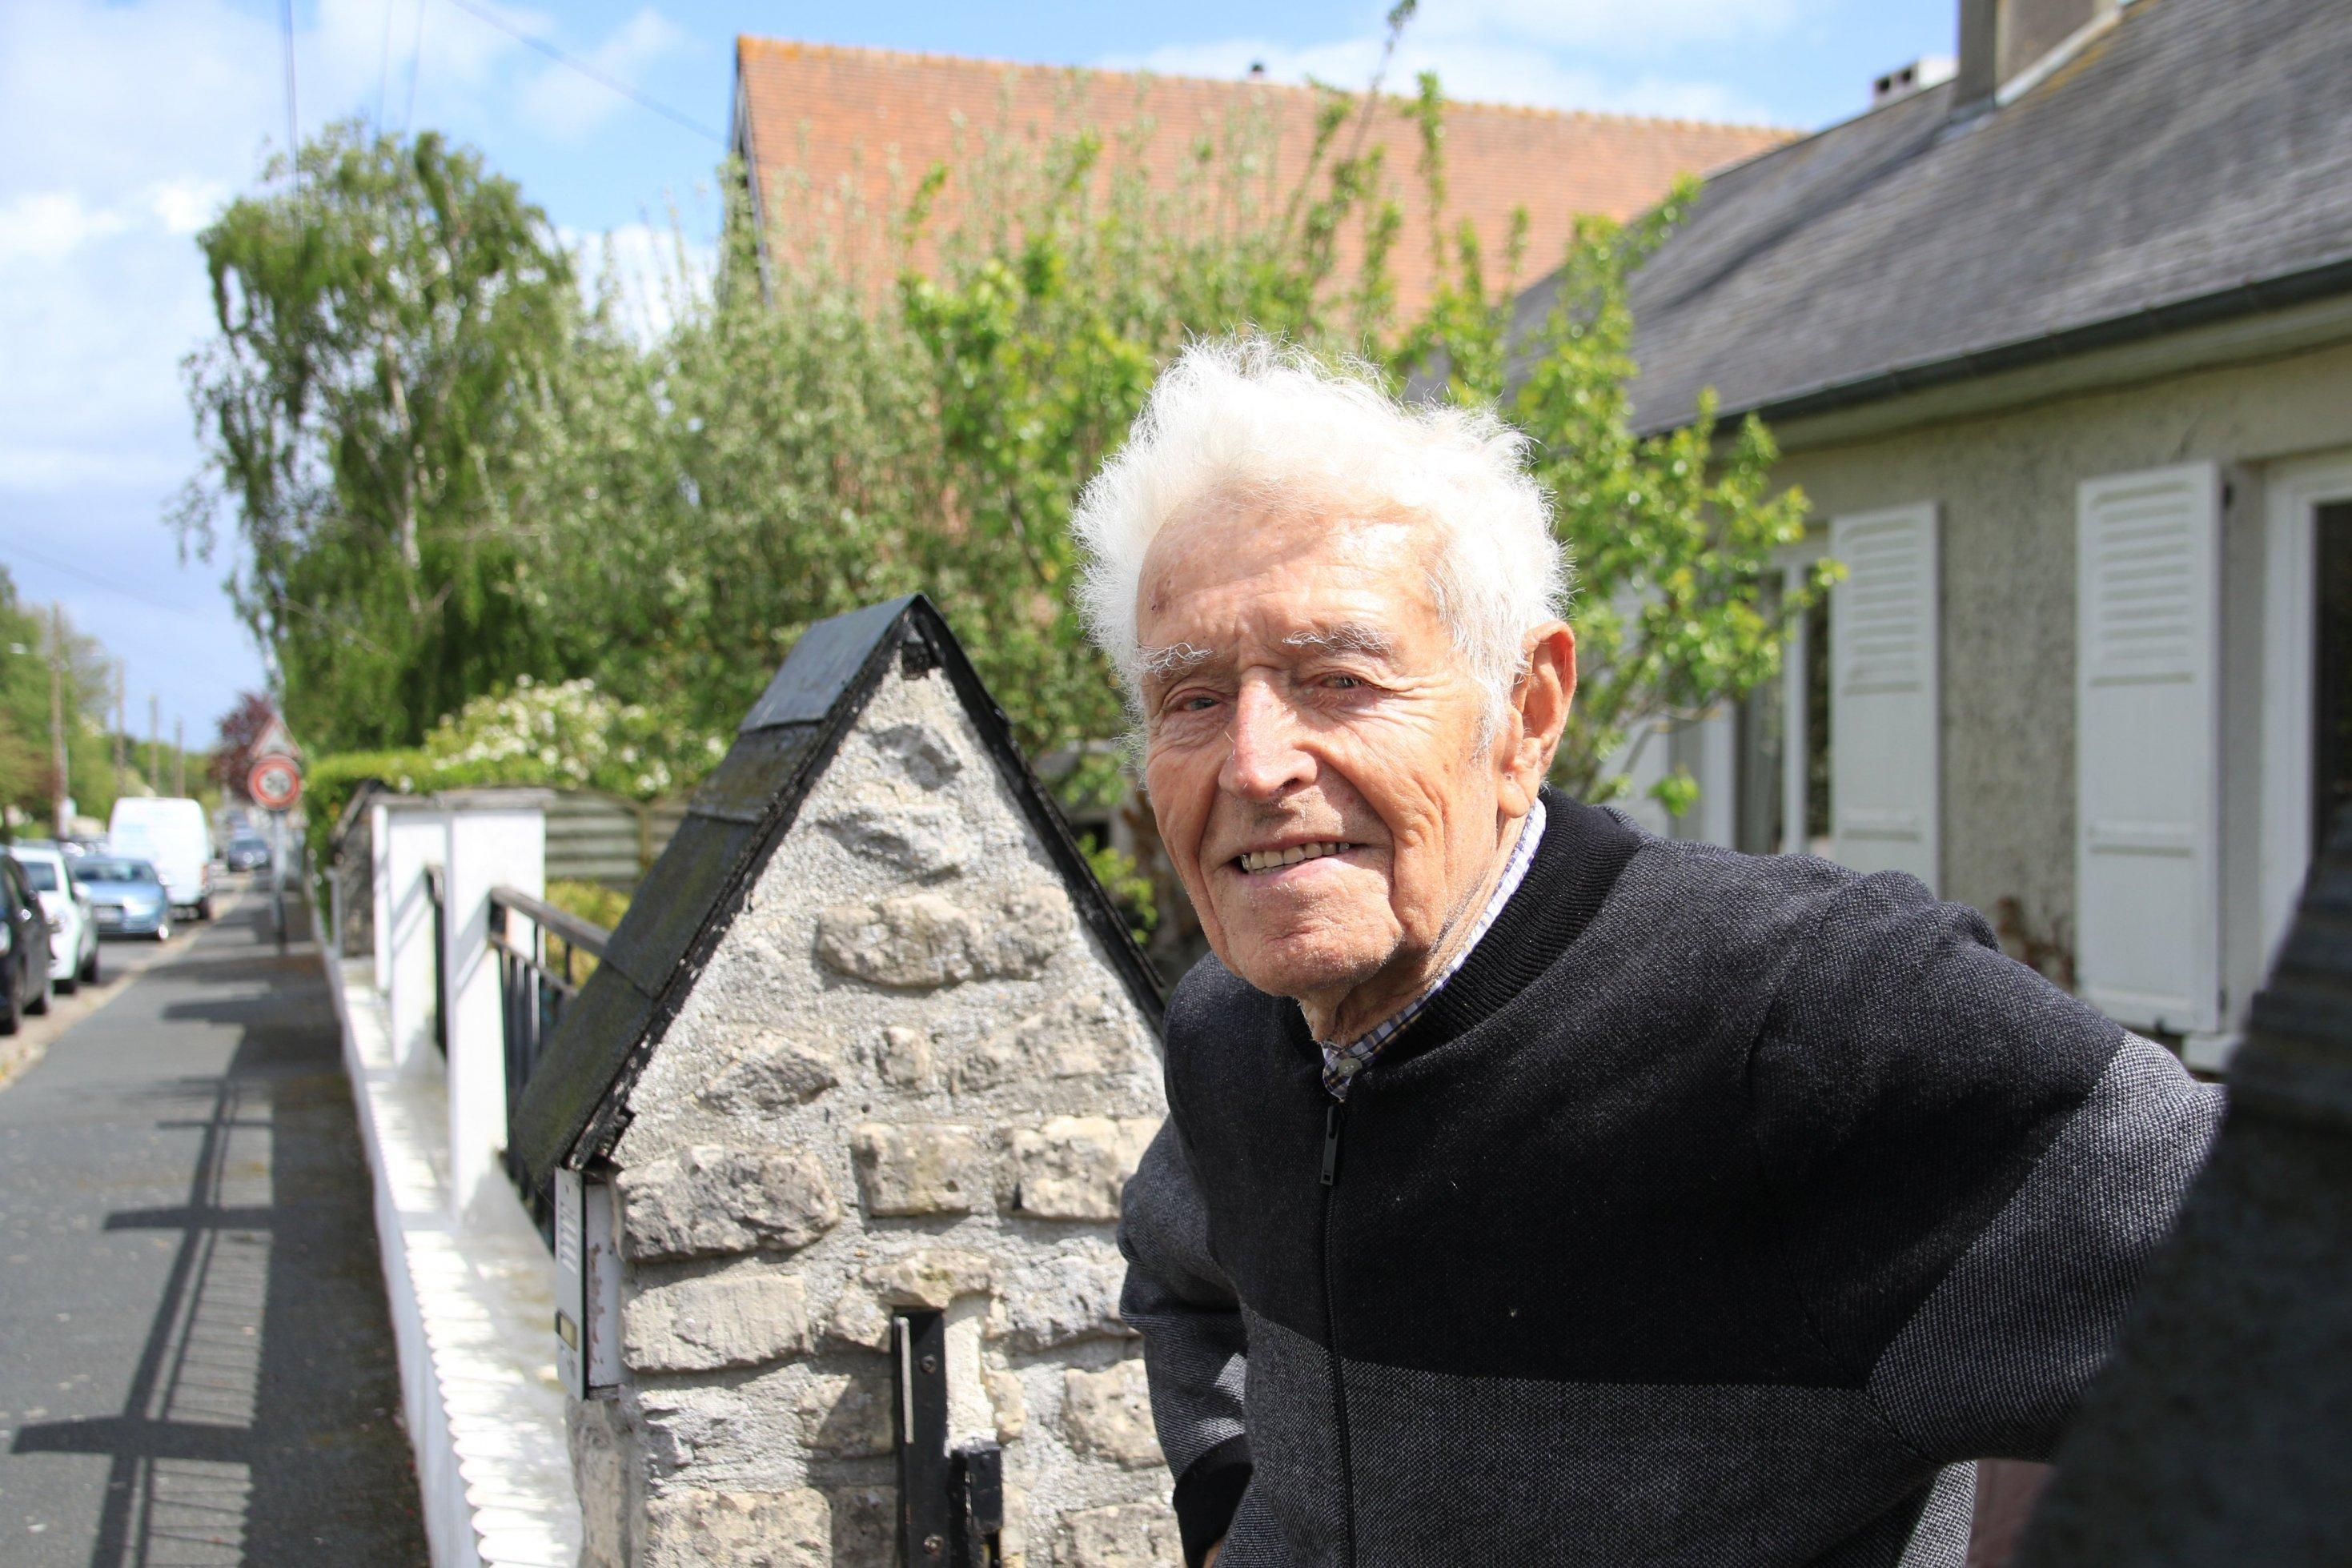 Ein alter Mann in einem Vorgarten